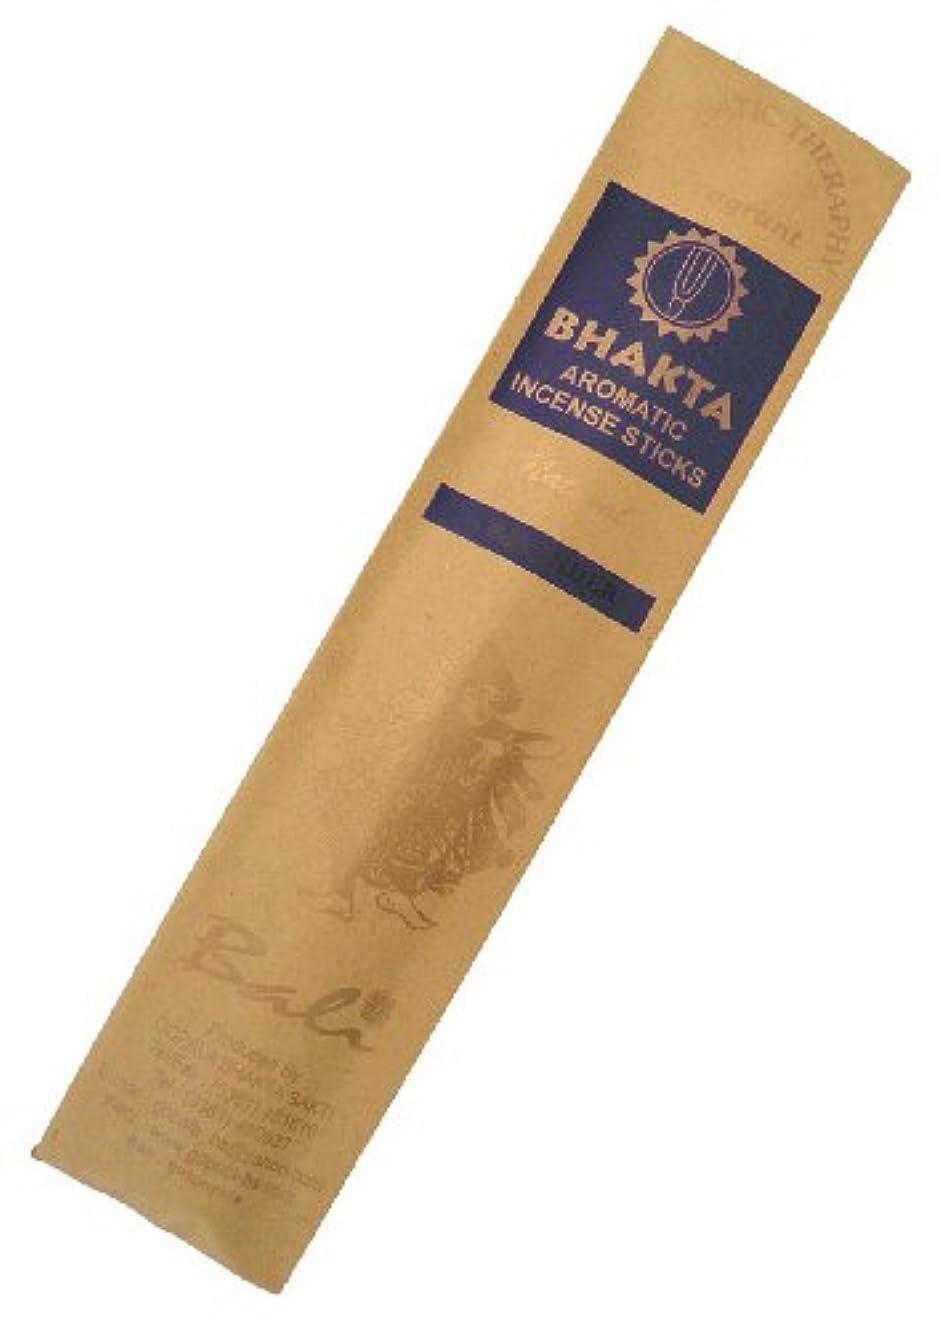 勝利病気幸運なお香 BHAKTA ナチュラル スティック 香(ラベンダー)ロングタイプ インセンス[アロマセラピー 癒し リラックス 雰囲気作り]インドネシア?バリ島のお香